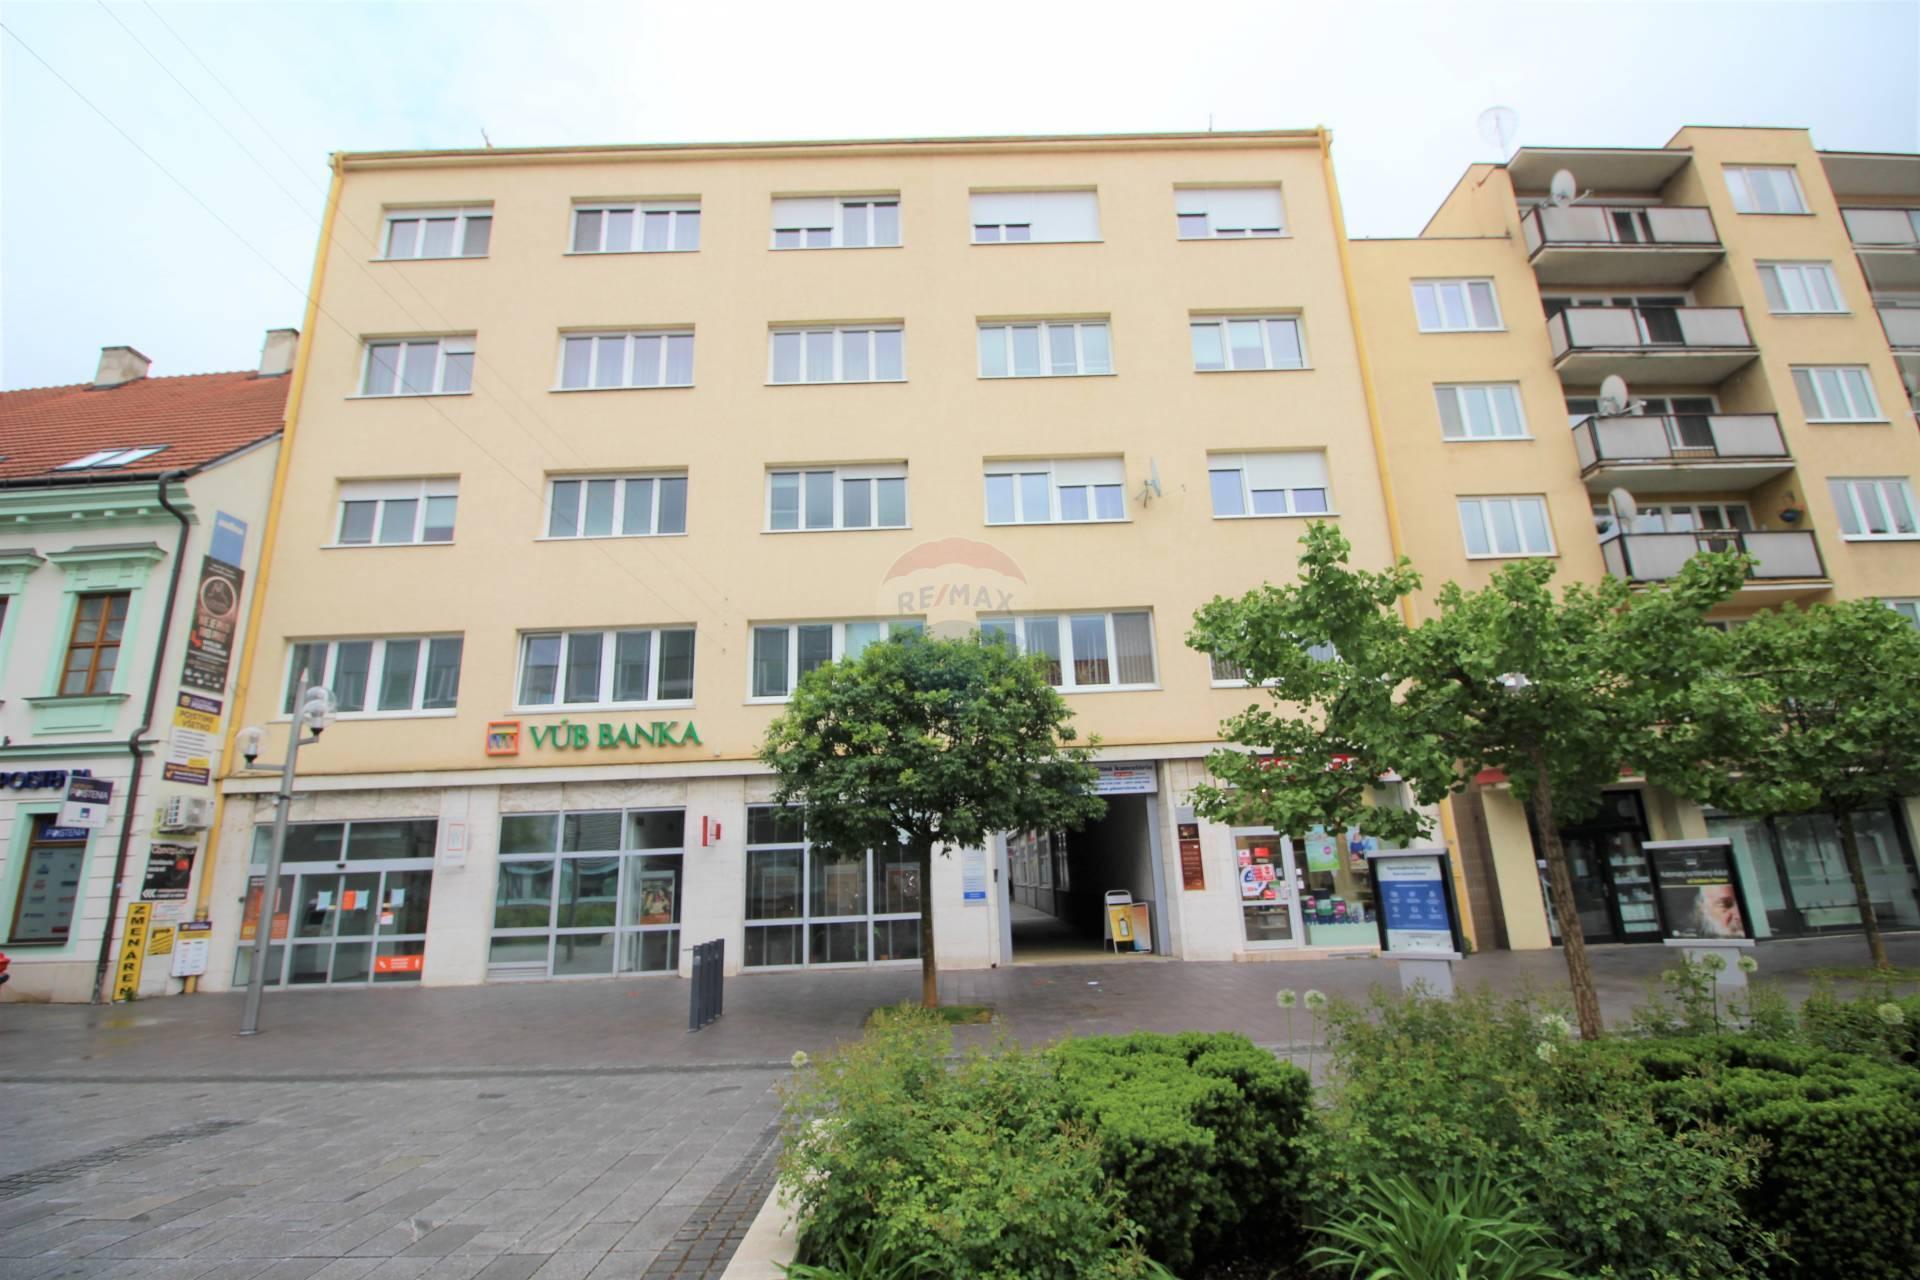 =RE/MAX=Prenájom priestorov 100 m², Hlavná, Trnava